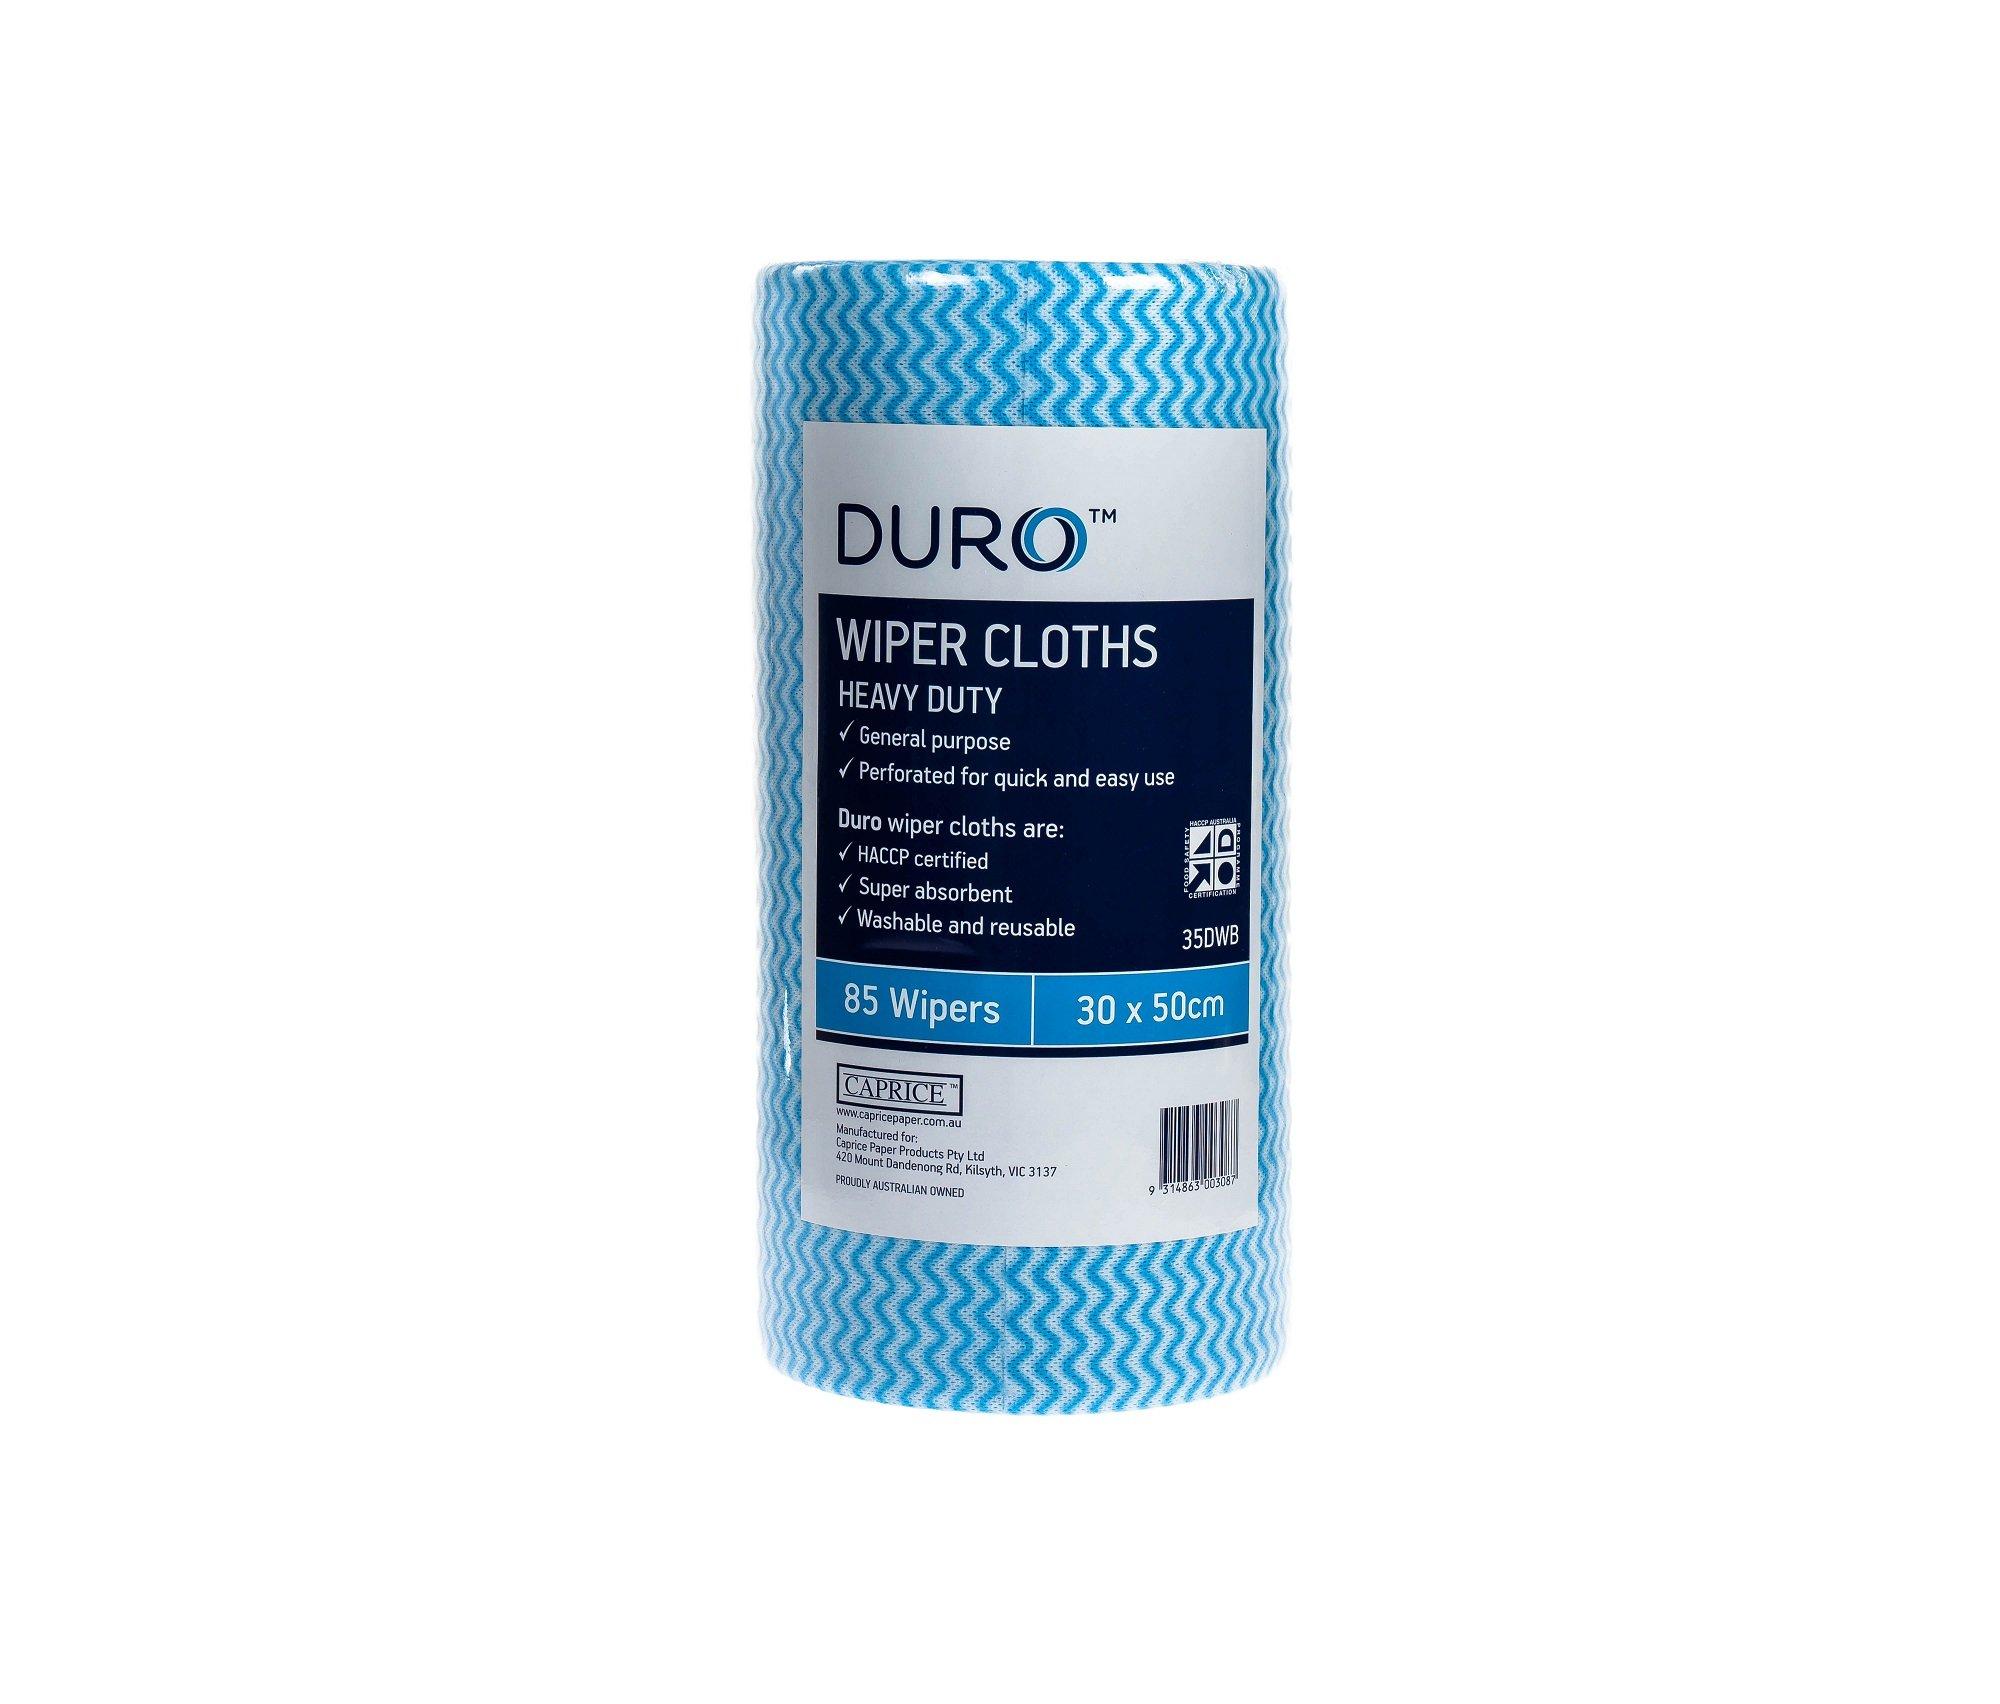 DURO WIPER ROLL HEAVY DUTY BLUE 50CMx30CM ROLL 85